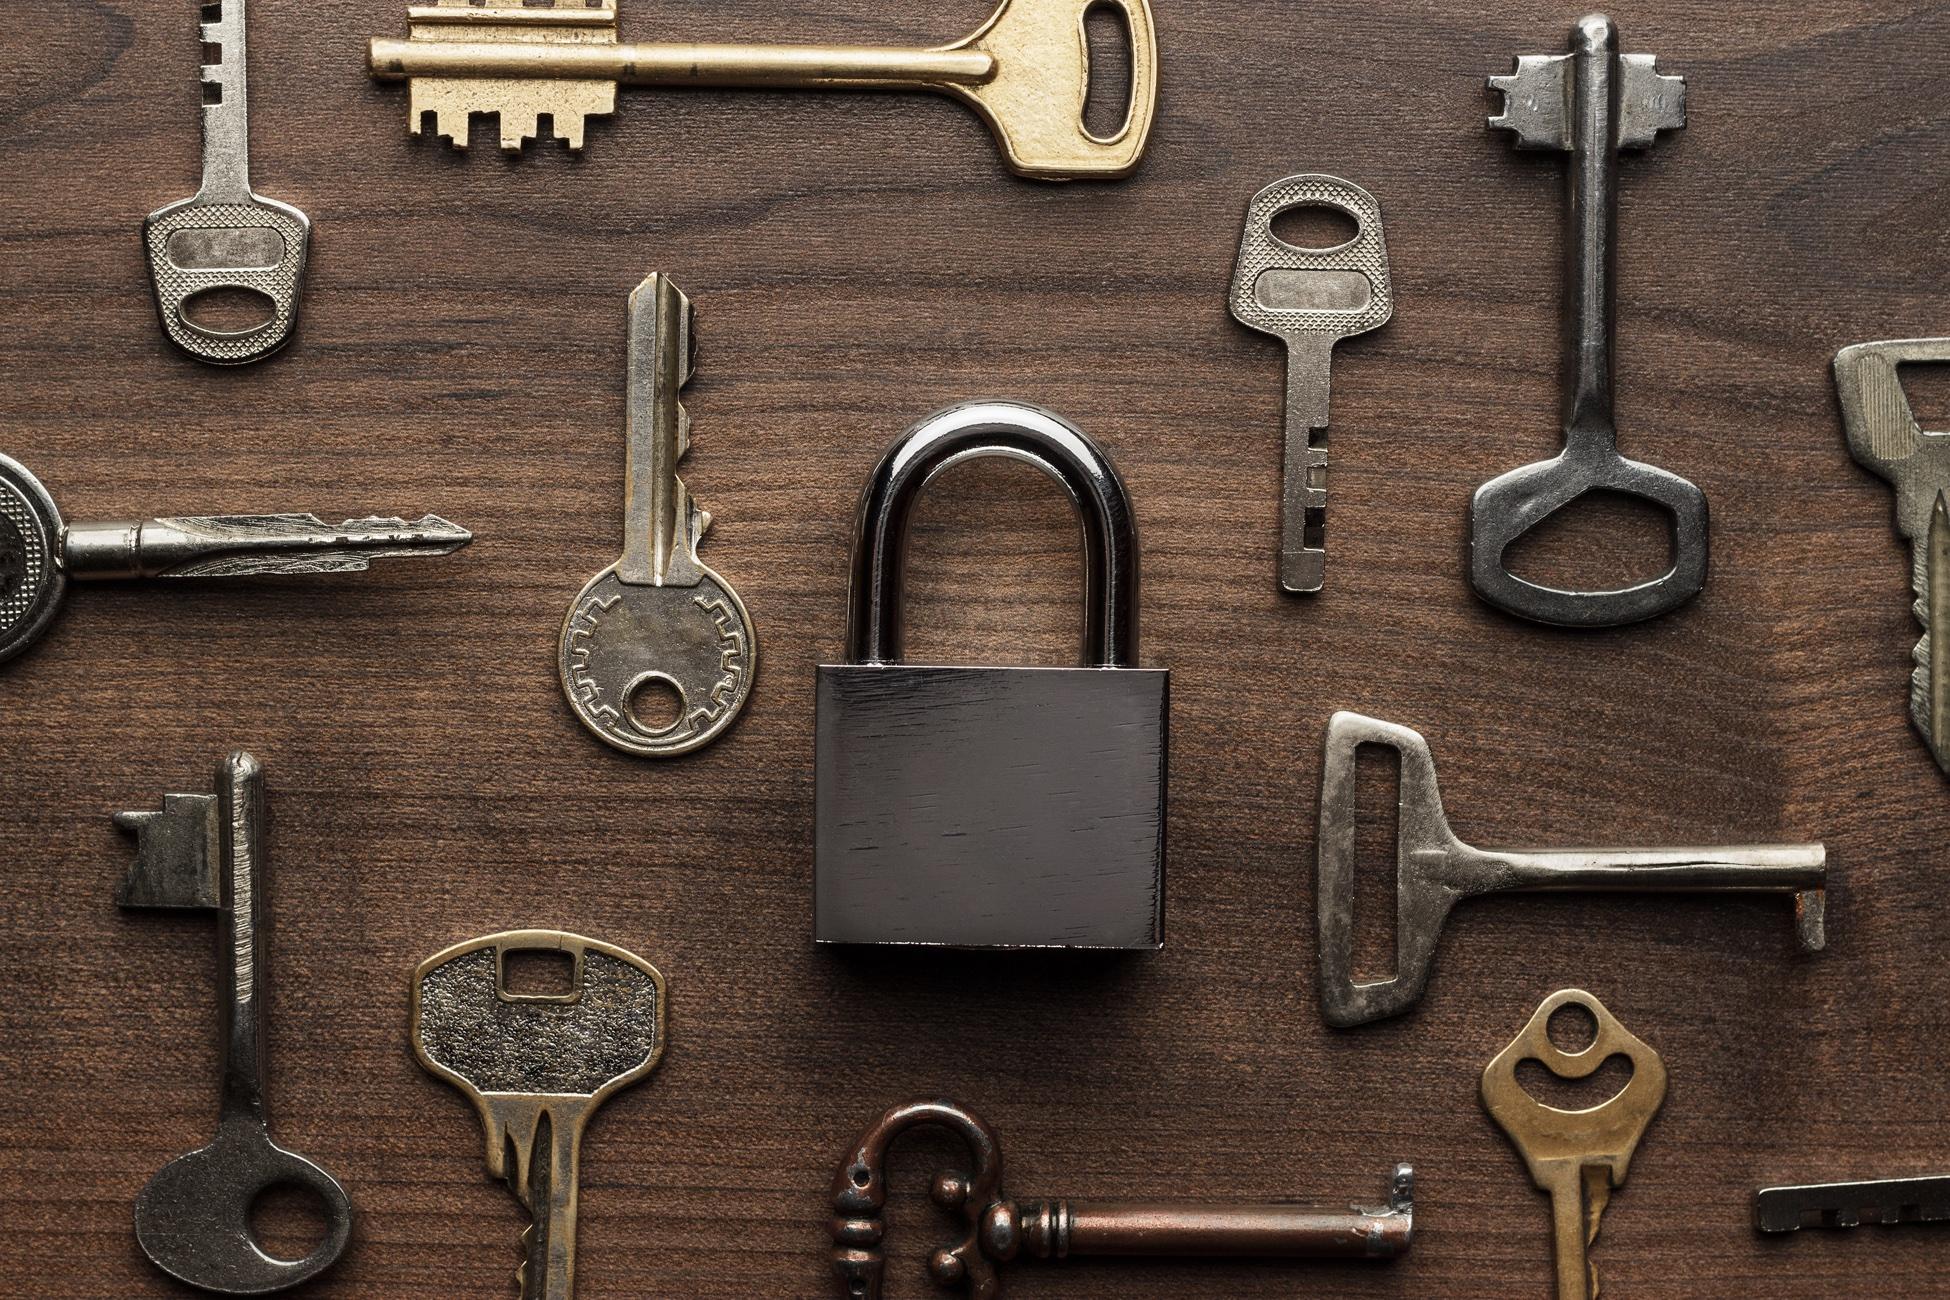 Cadeado e chaves